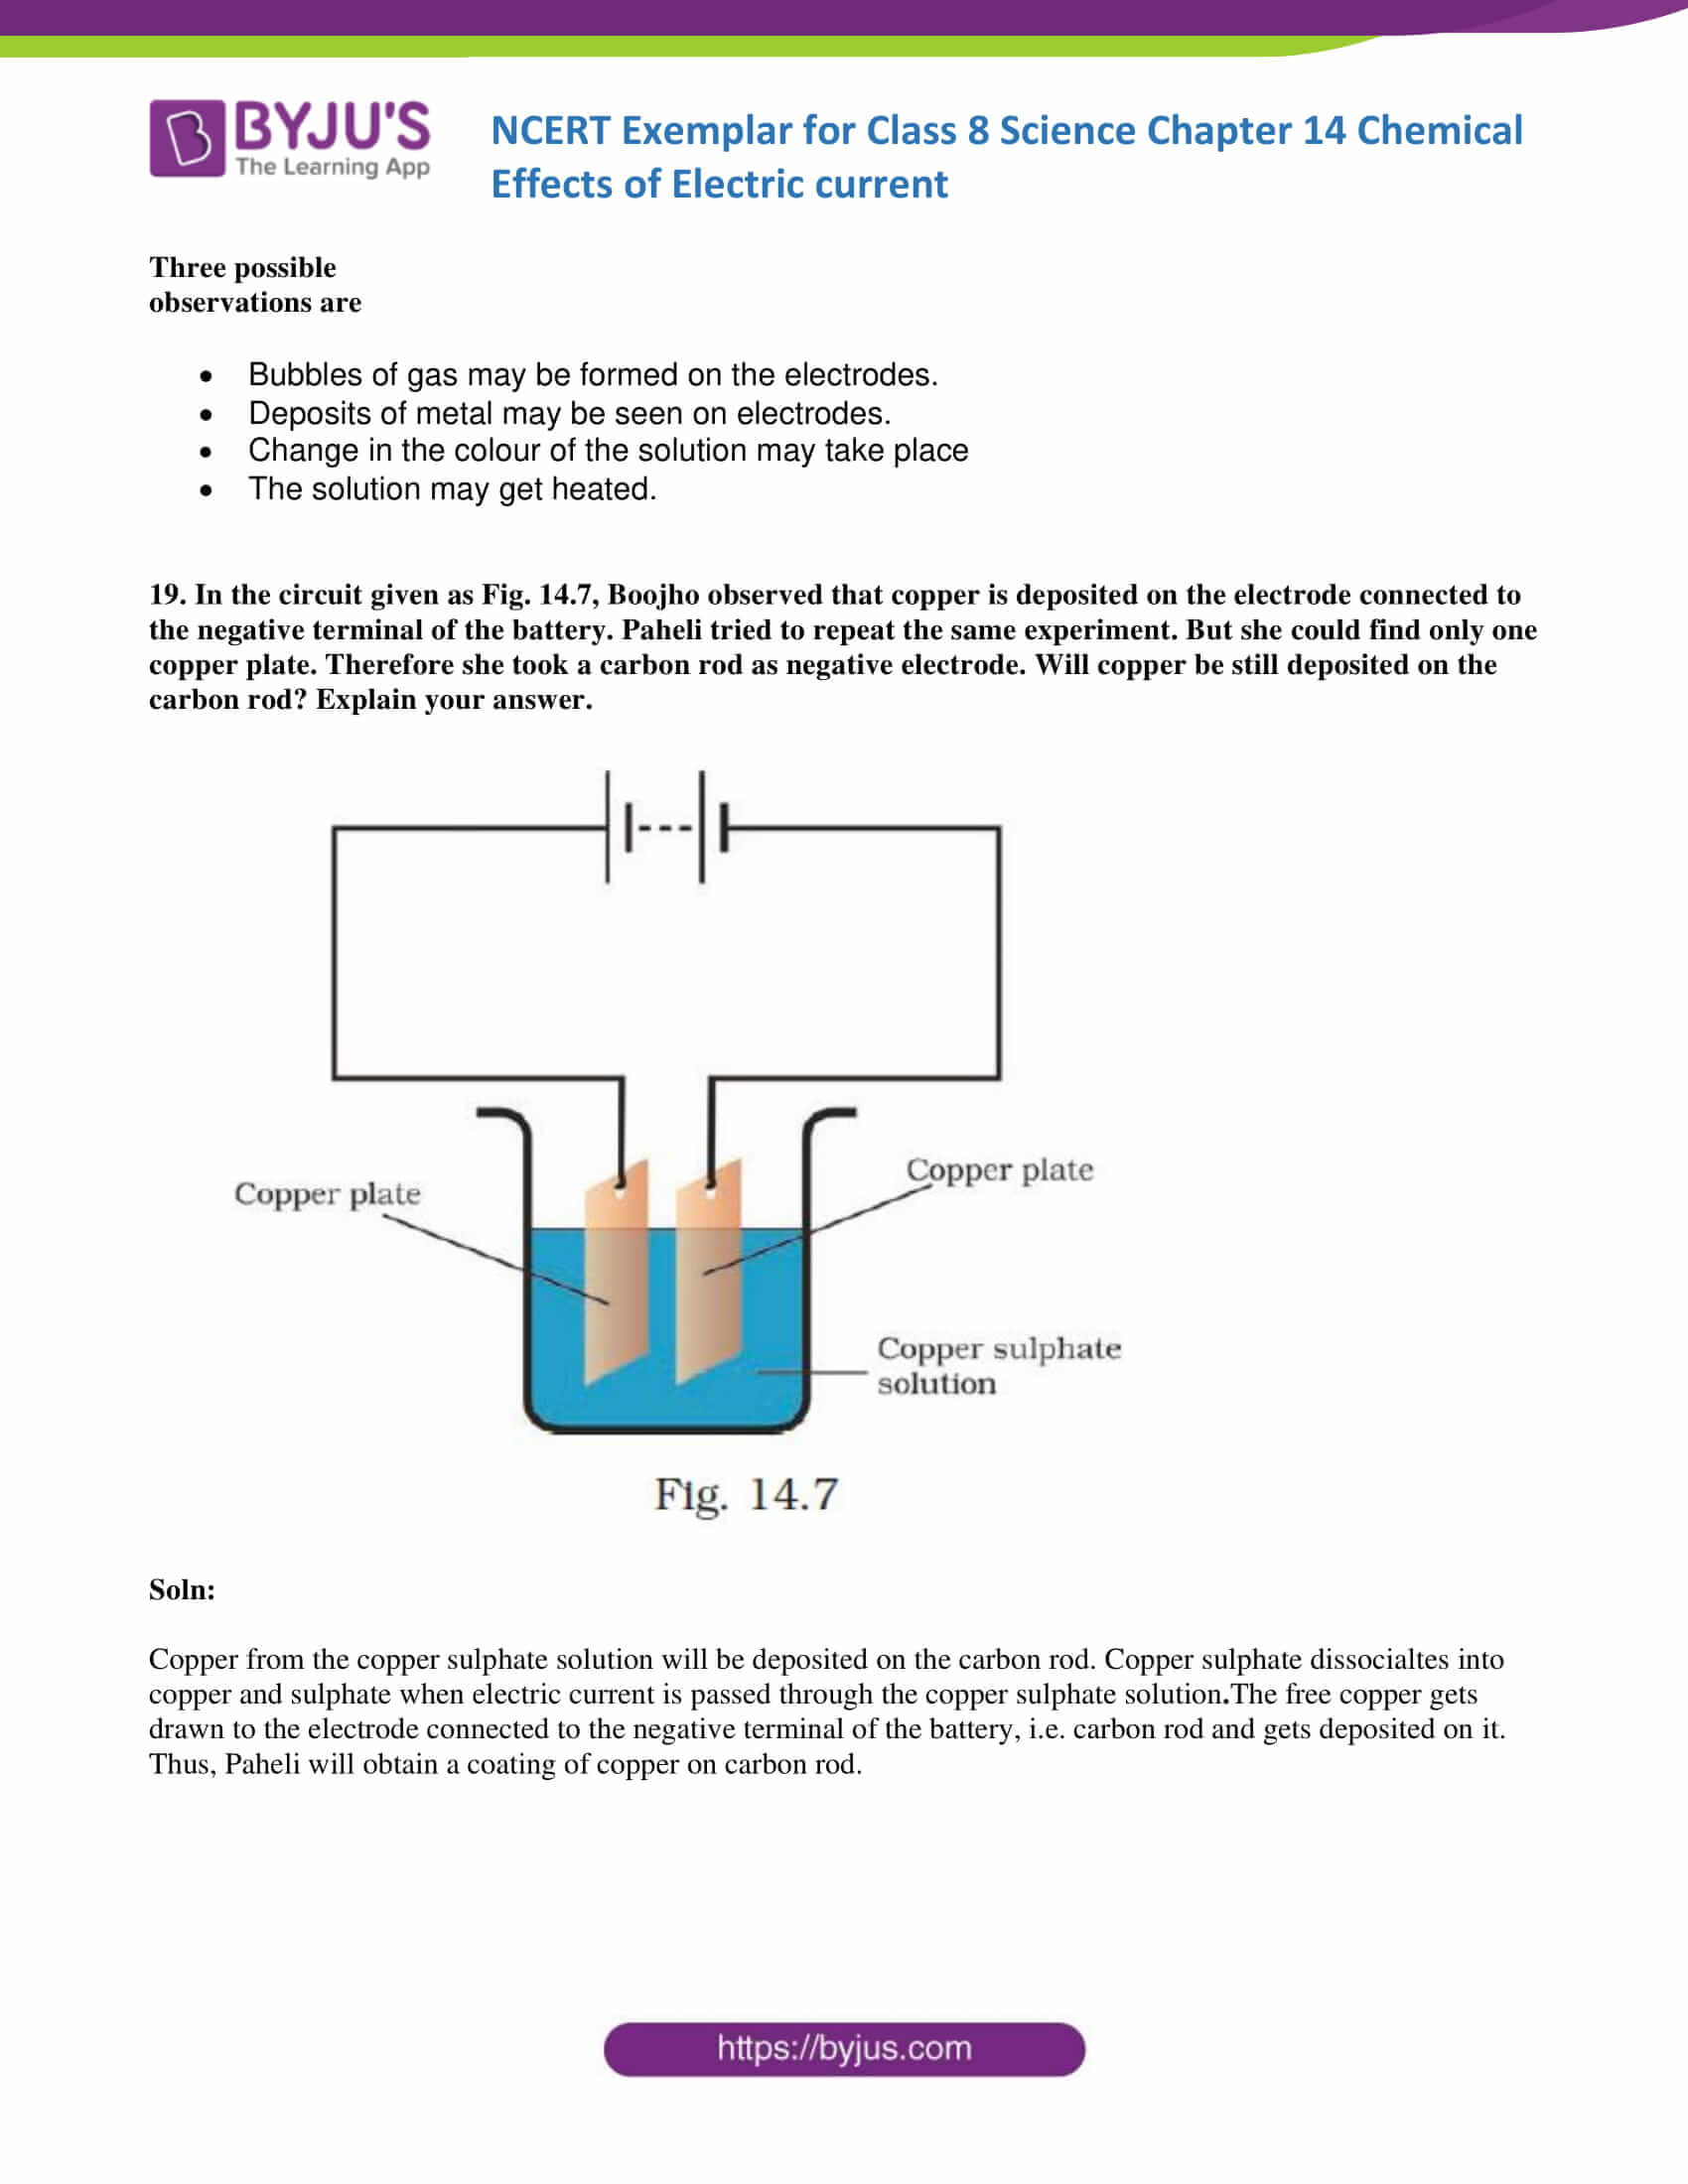 NCERT Exemplar solution class 8 science chapter 14 part 10